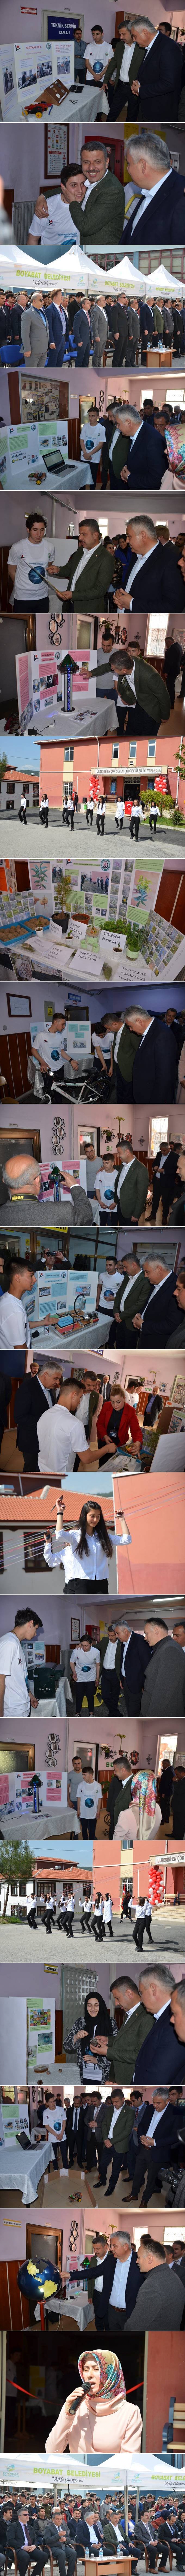 Boyabat Mesleki ve Teknik Anadolu Lisesi tarafından bugün saat 10.00'da Tübitak 4006 Bilim Fuarı'nın açılışı gerçekleştirildi.